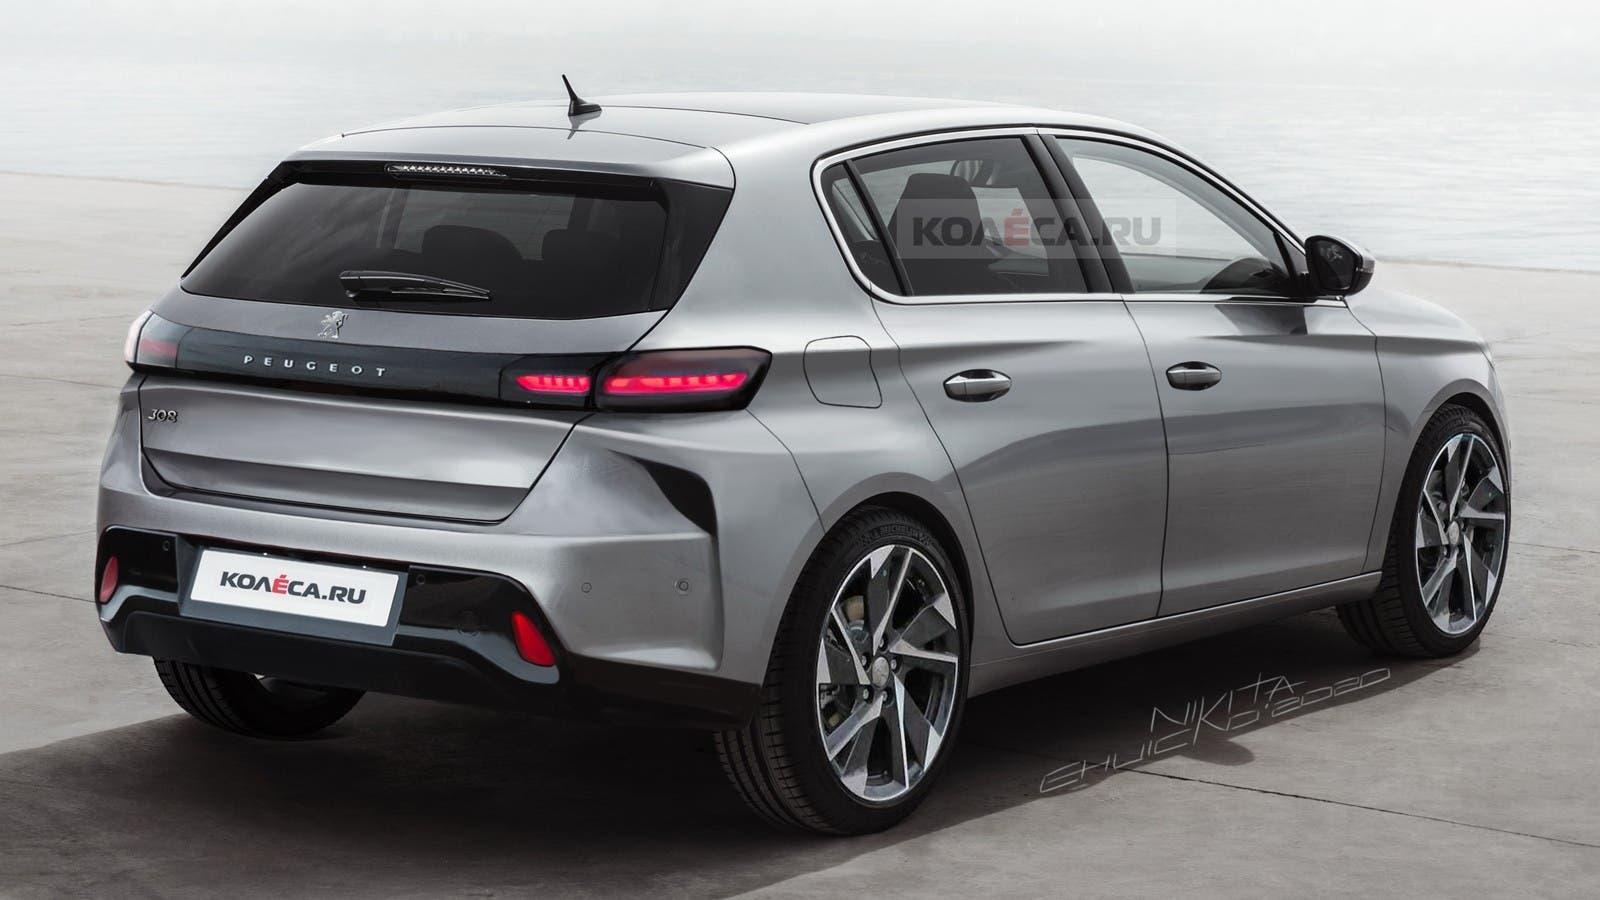 Nuova Peugeot 308 render Kolesa